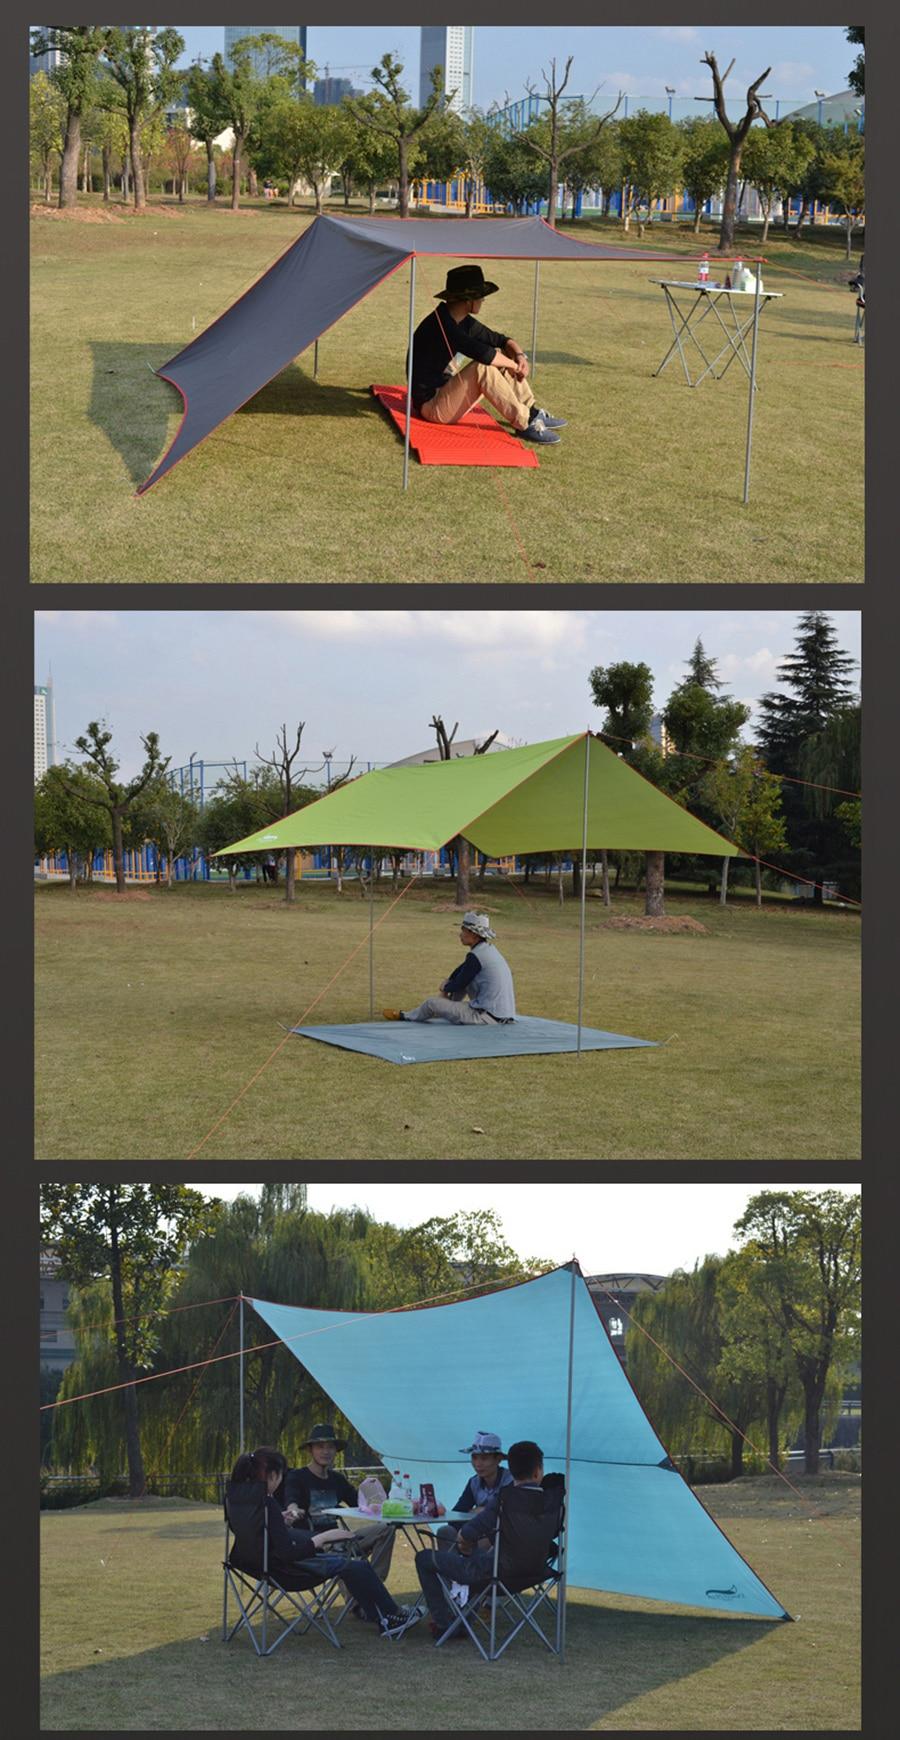 de acampamento lona rede lona, pérgola proteção